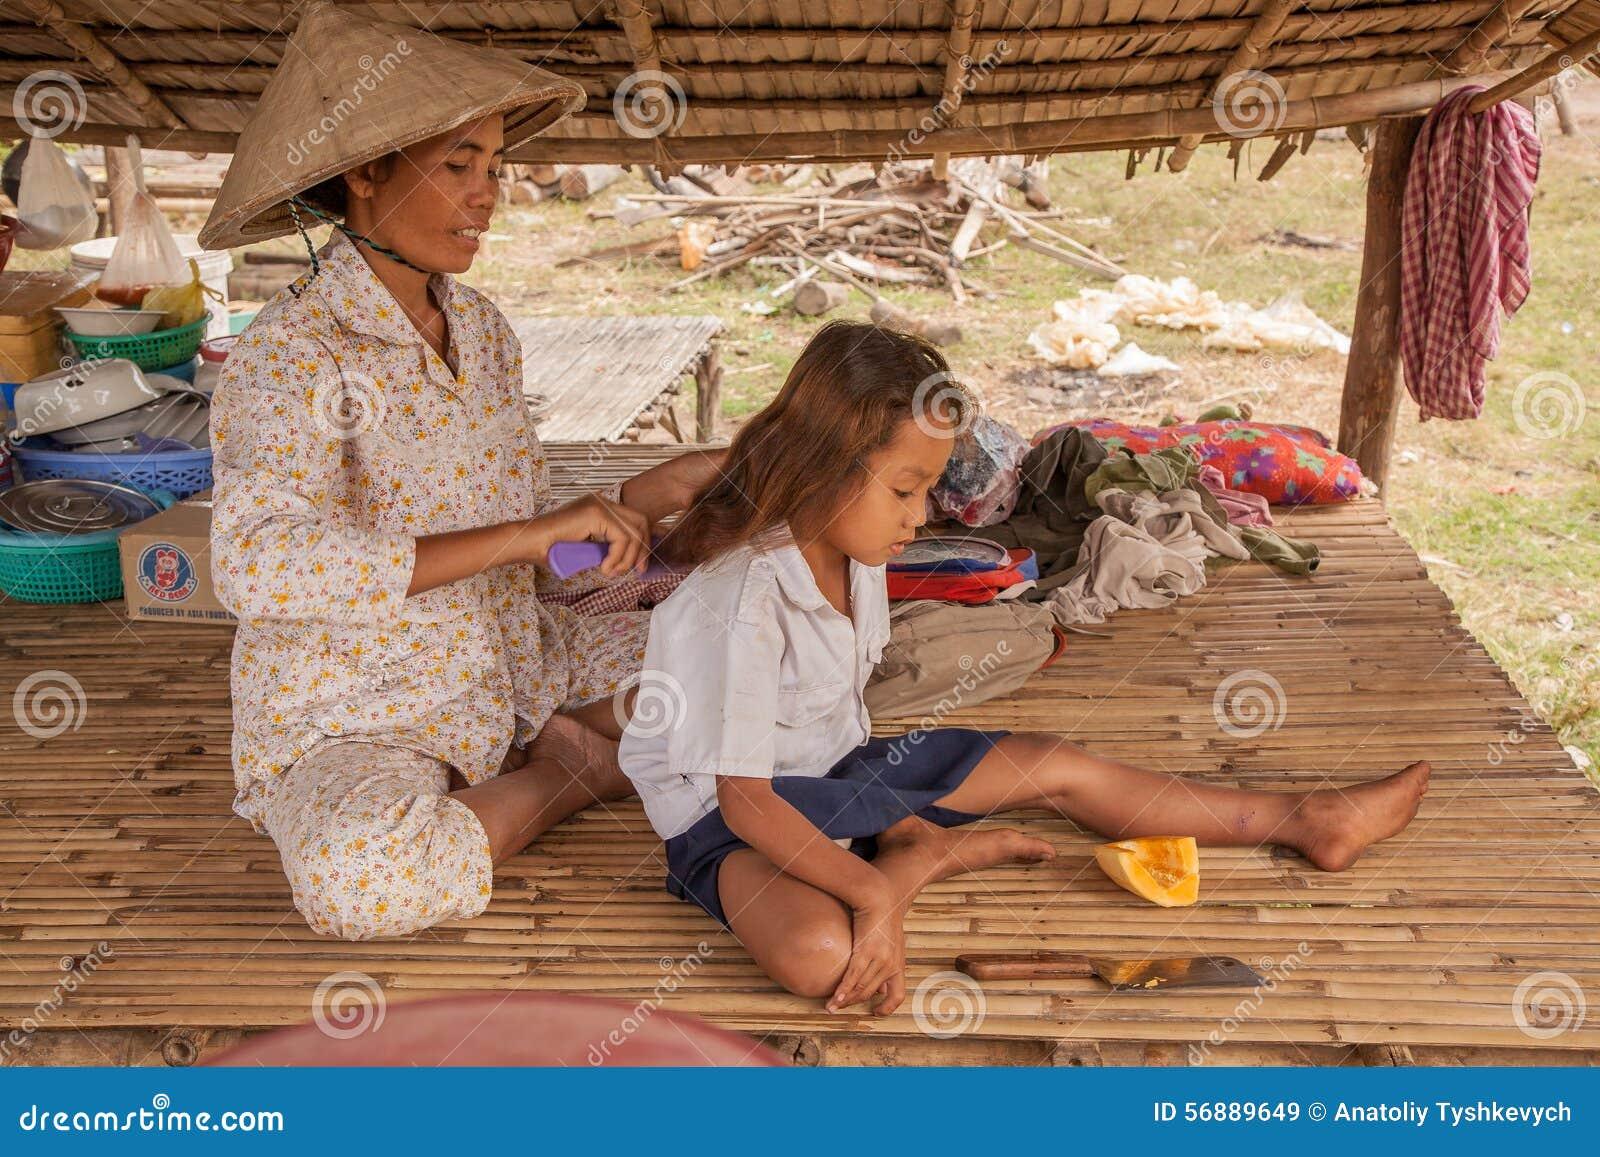 Generi la pettinatura della figlia su una chaise-lounge sotto un baldacchino